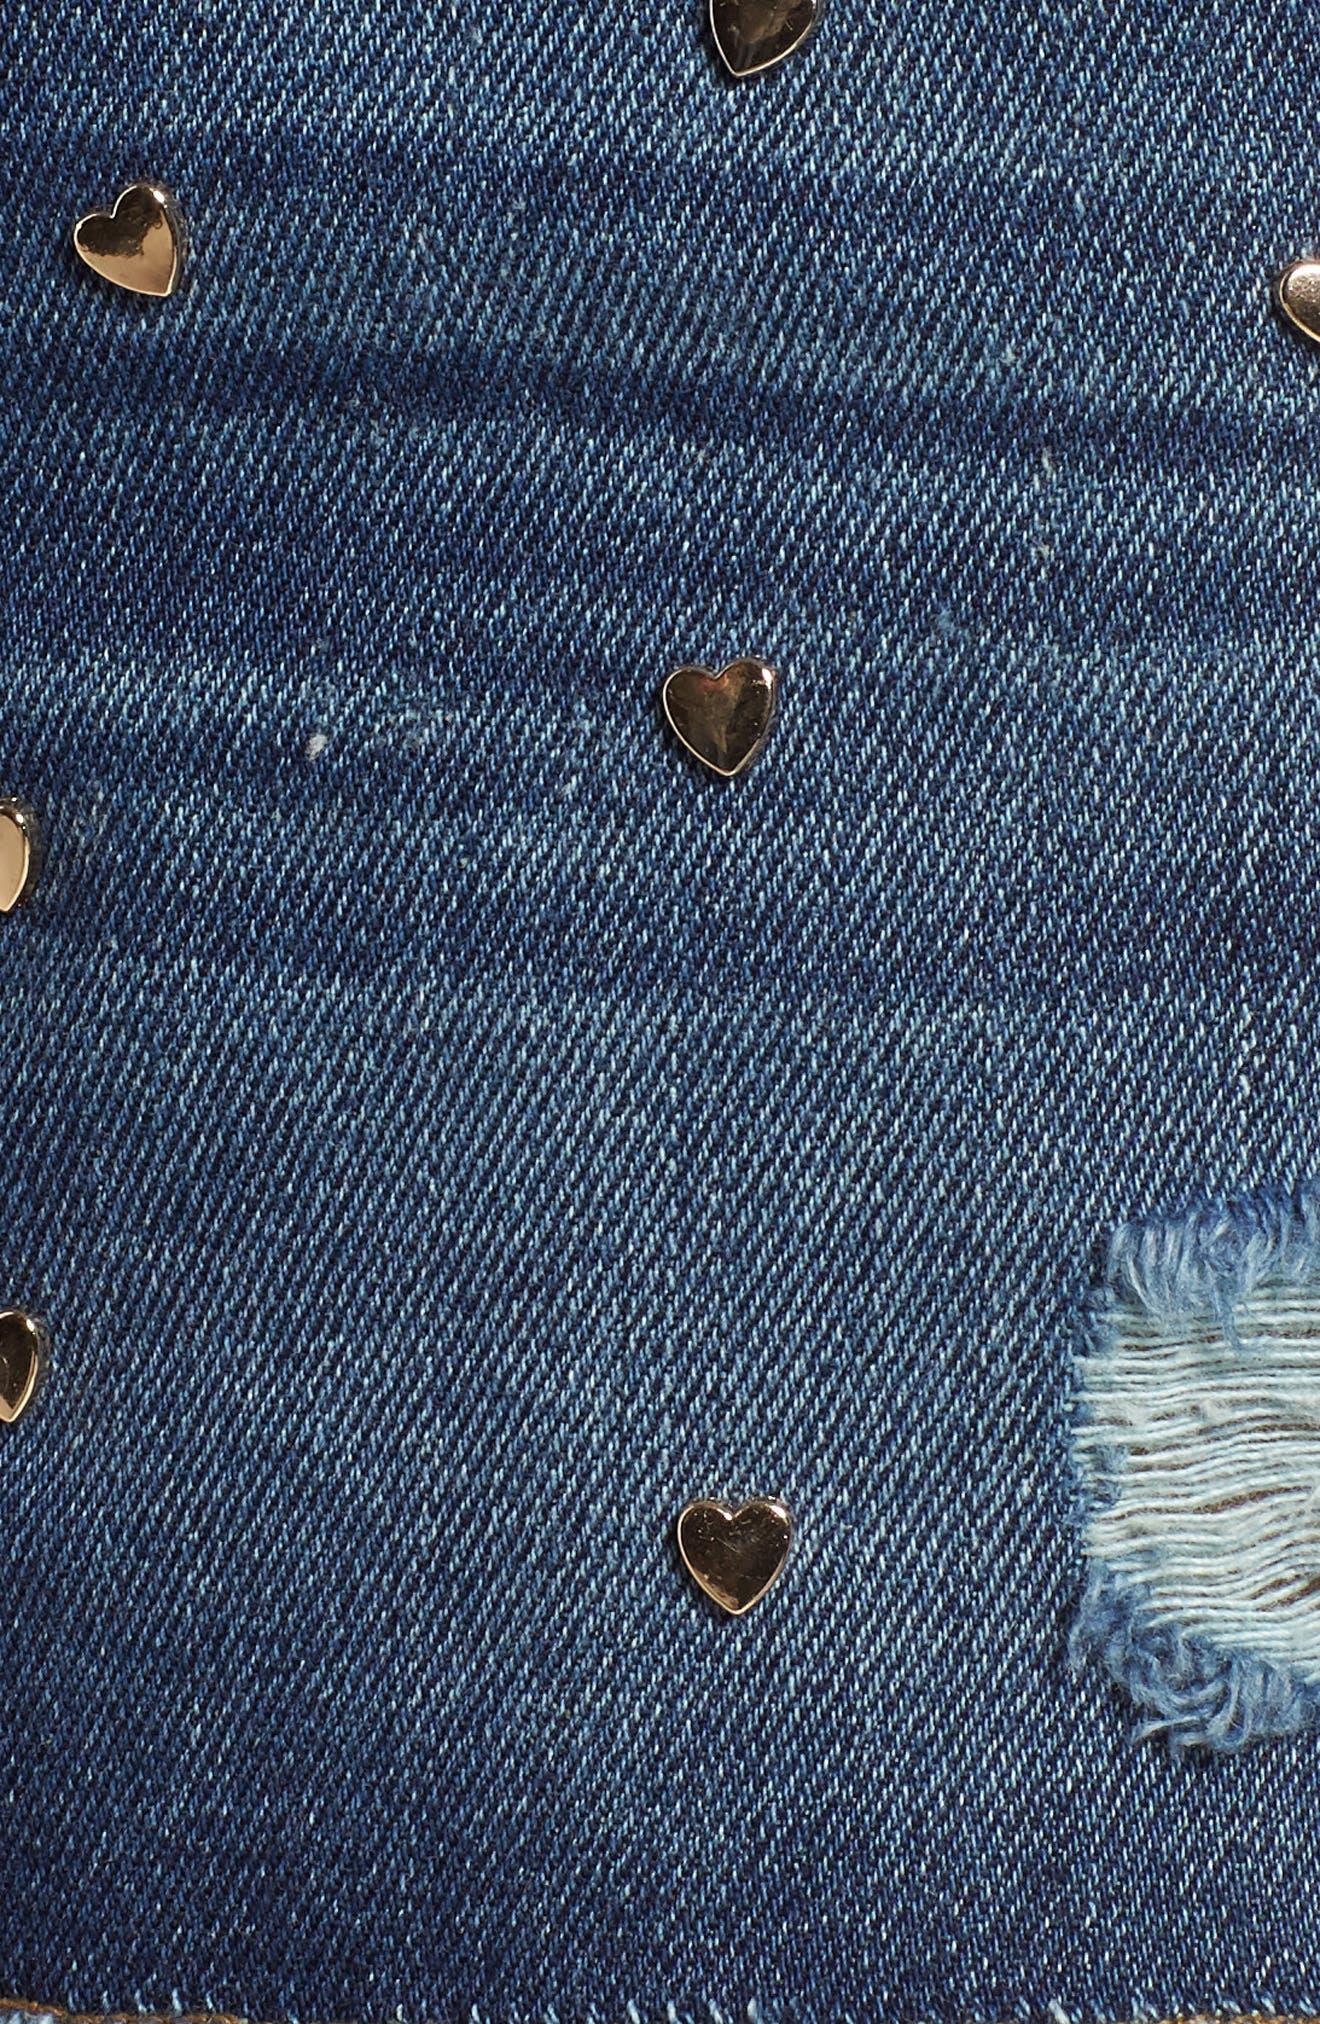 Heart Stud Step Hem Denim Shorts,                             Alternate thumbnail 6, color,                             400